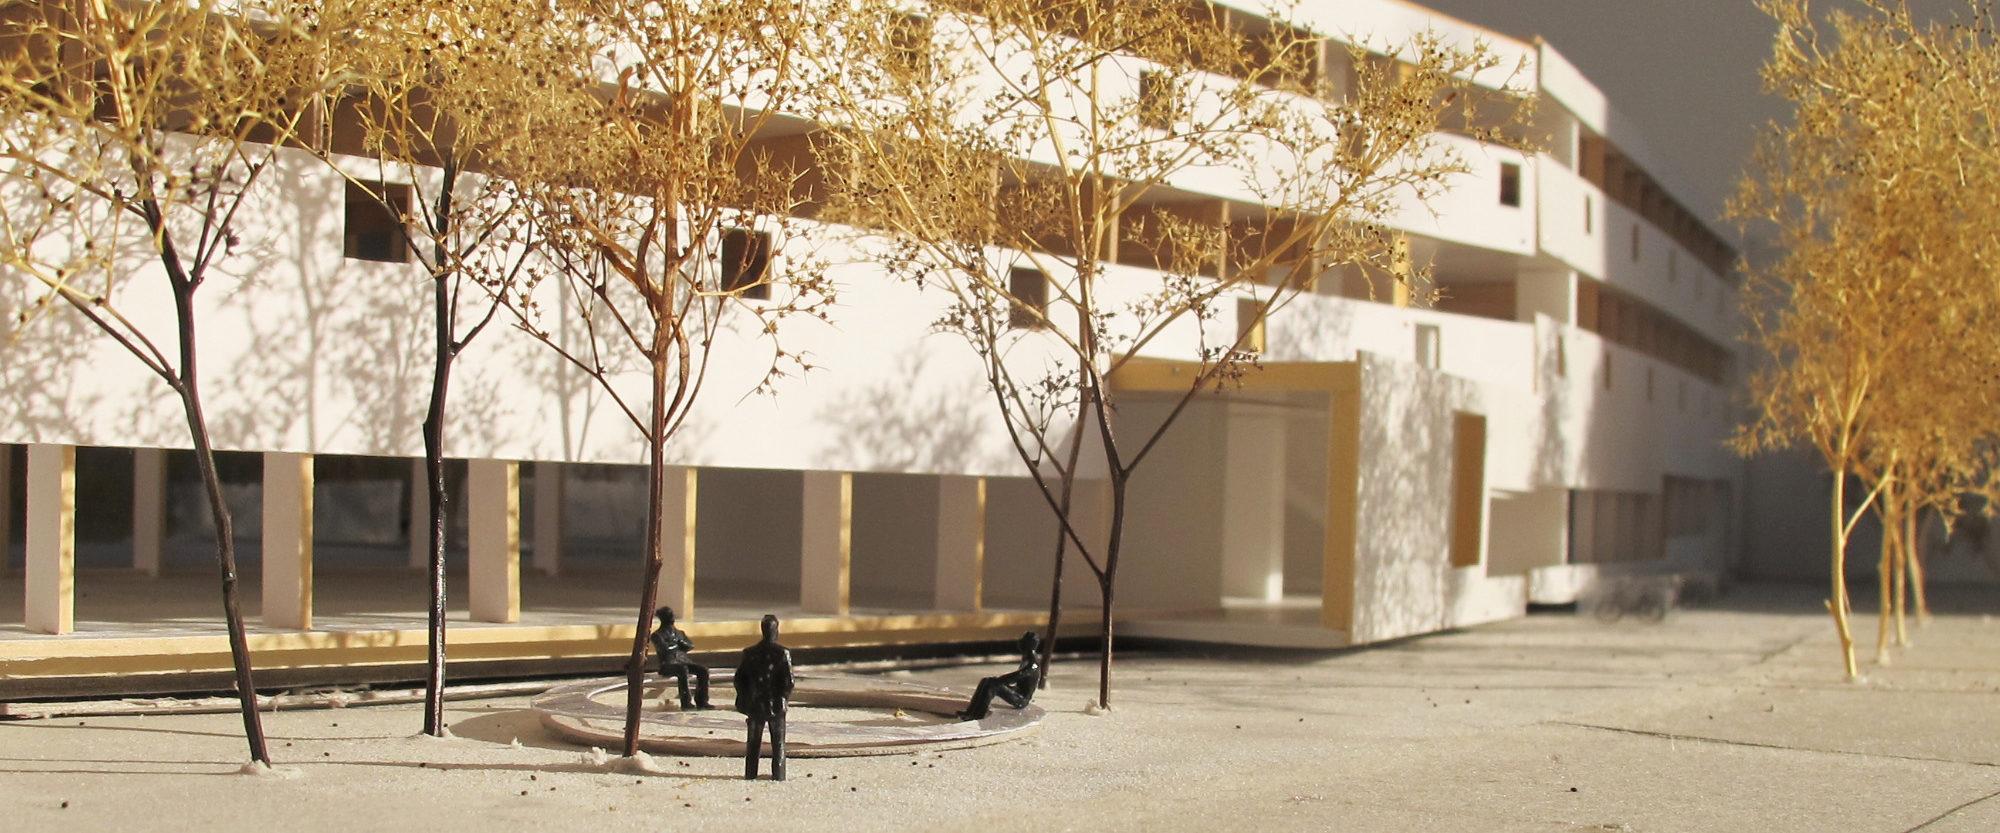 Schulhaus Pfingtsweid Zurich